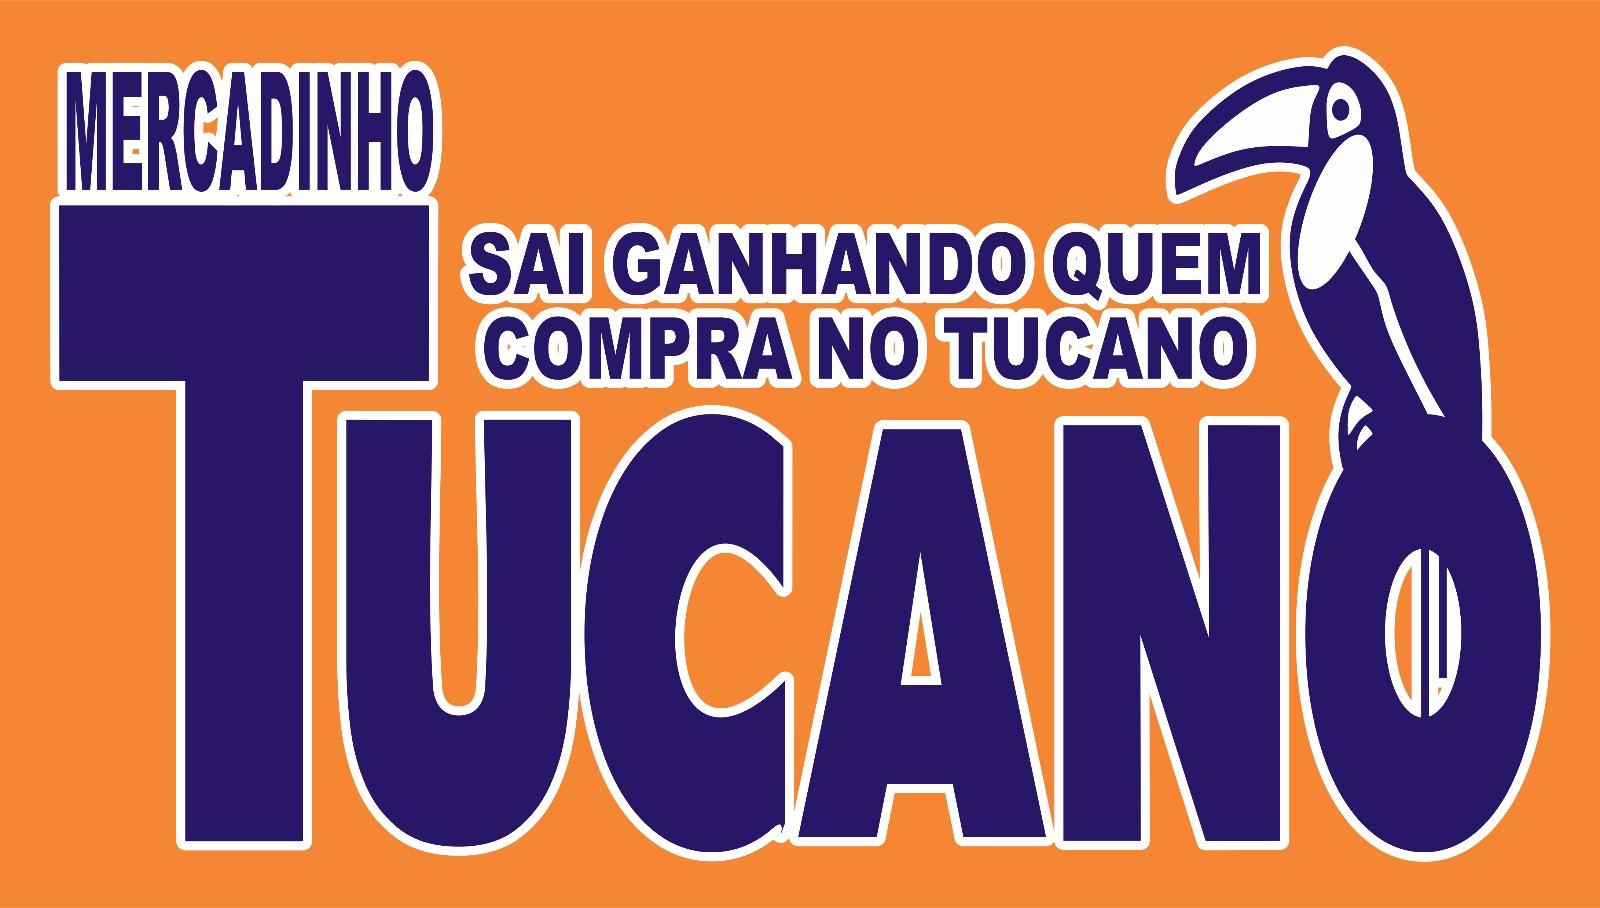 Sai ganhando quem compra no Tucano